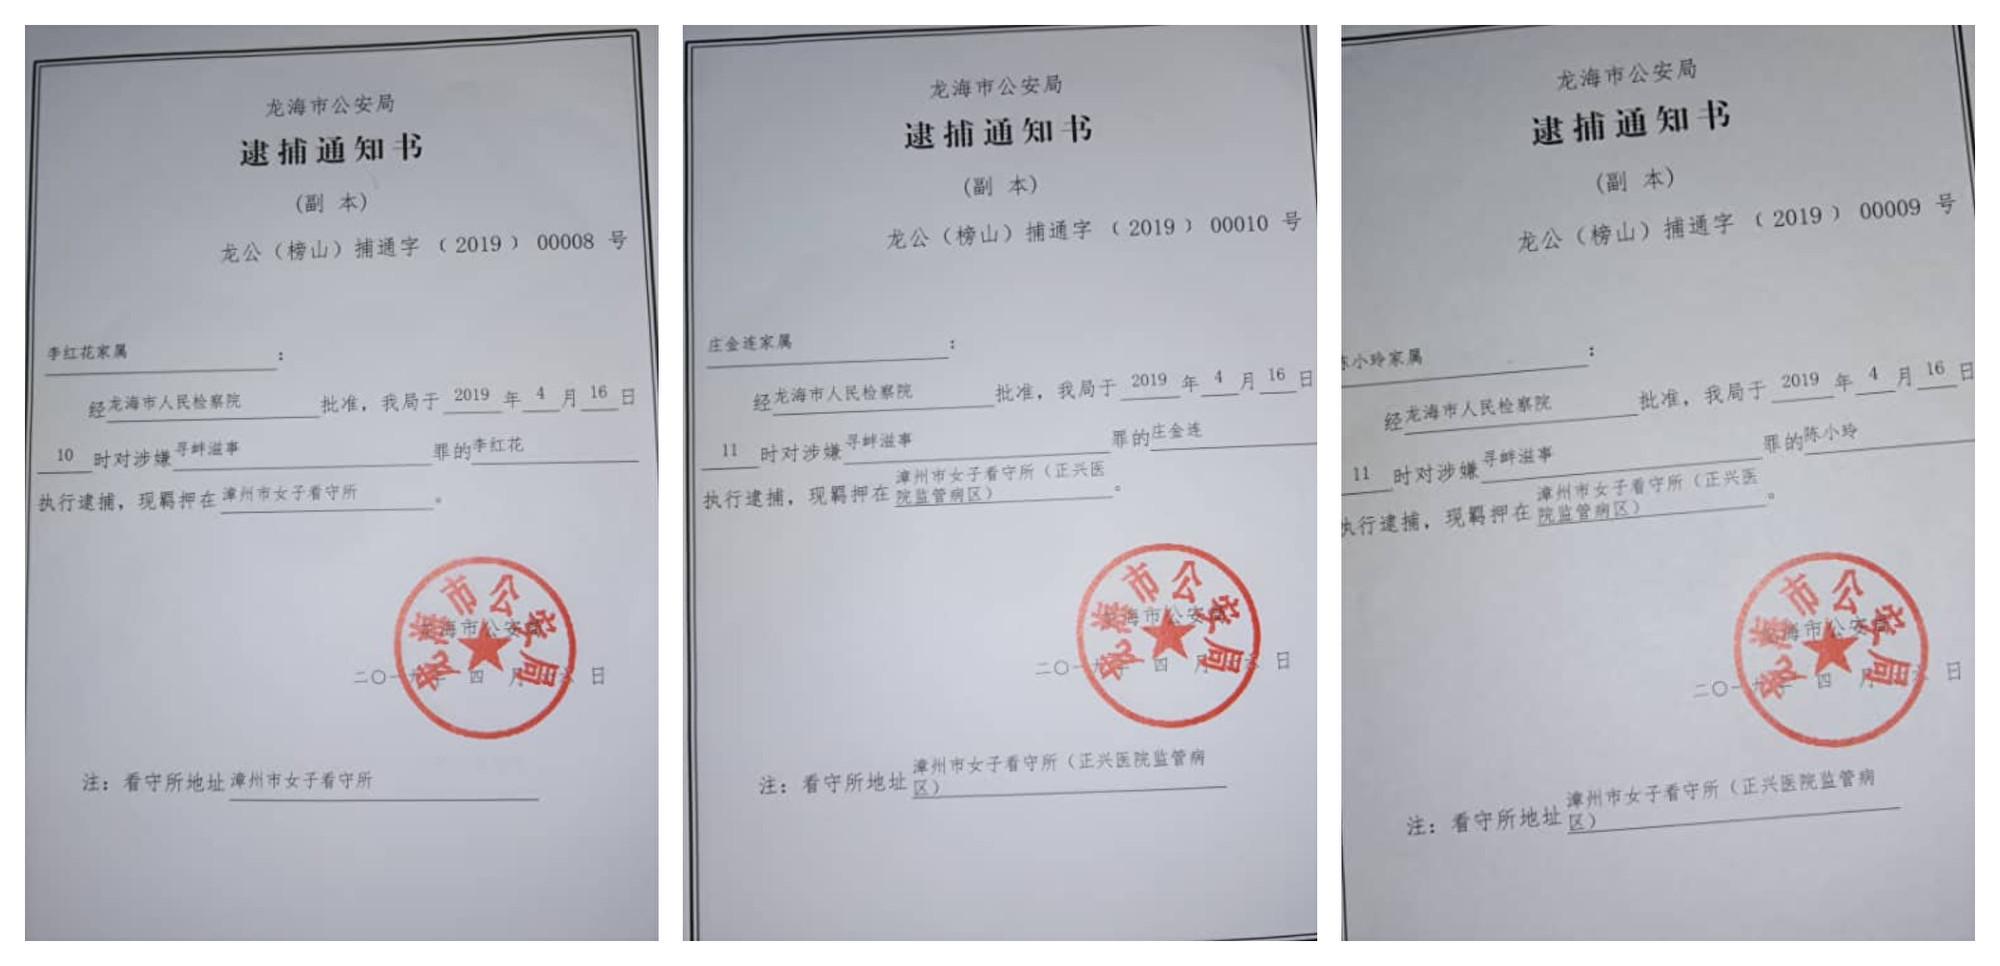 2019年4月16日,李紅花及其母親和女兒一家三口被以「涉嫌尋釁滋事」同時批捕。(知情人提供)